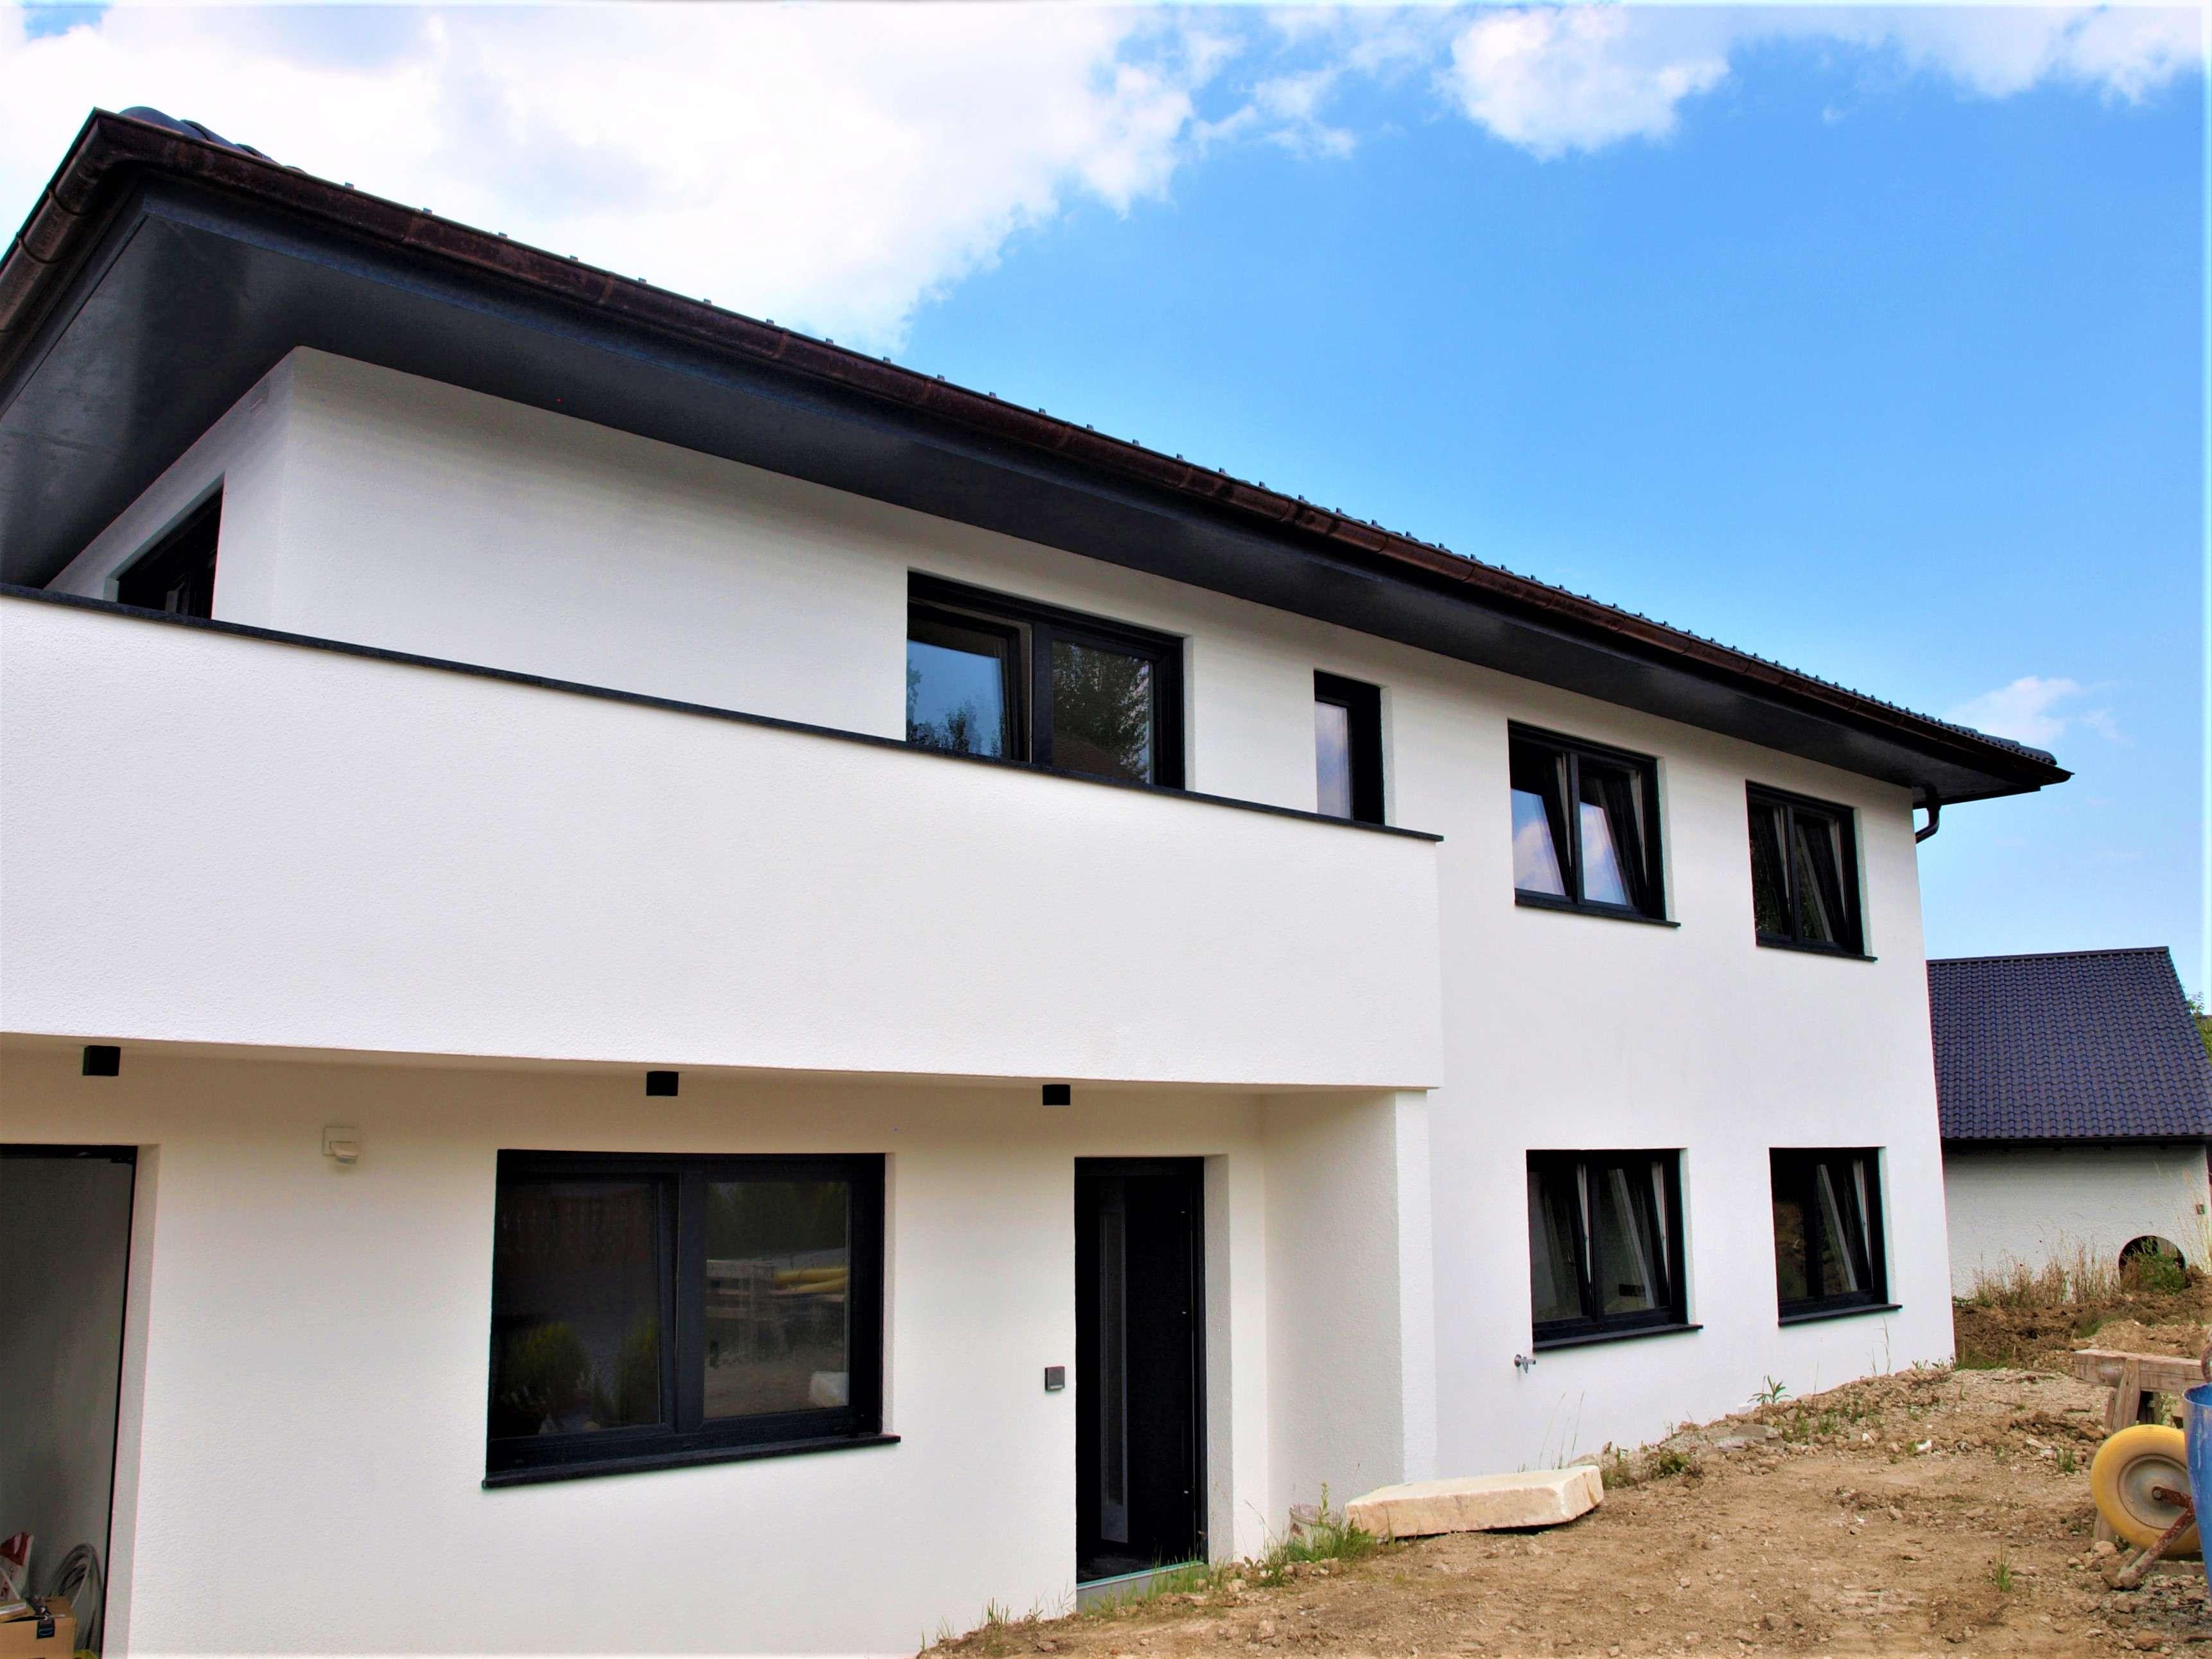 Neubau-Erstbezug! 4-Zimmer-EG-Wohnung mit top Ausstattung! in